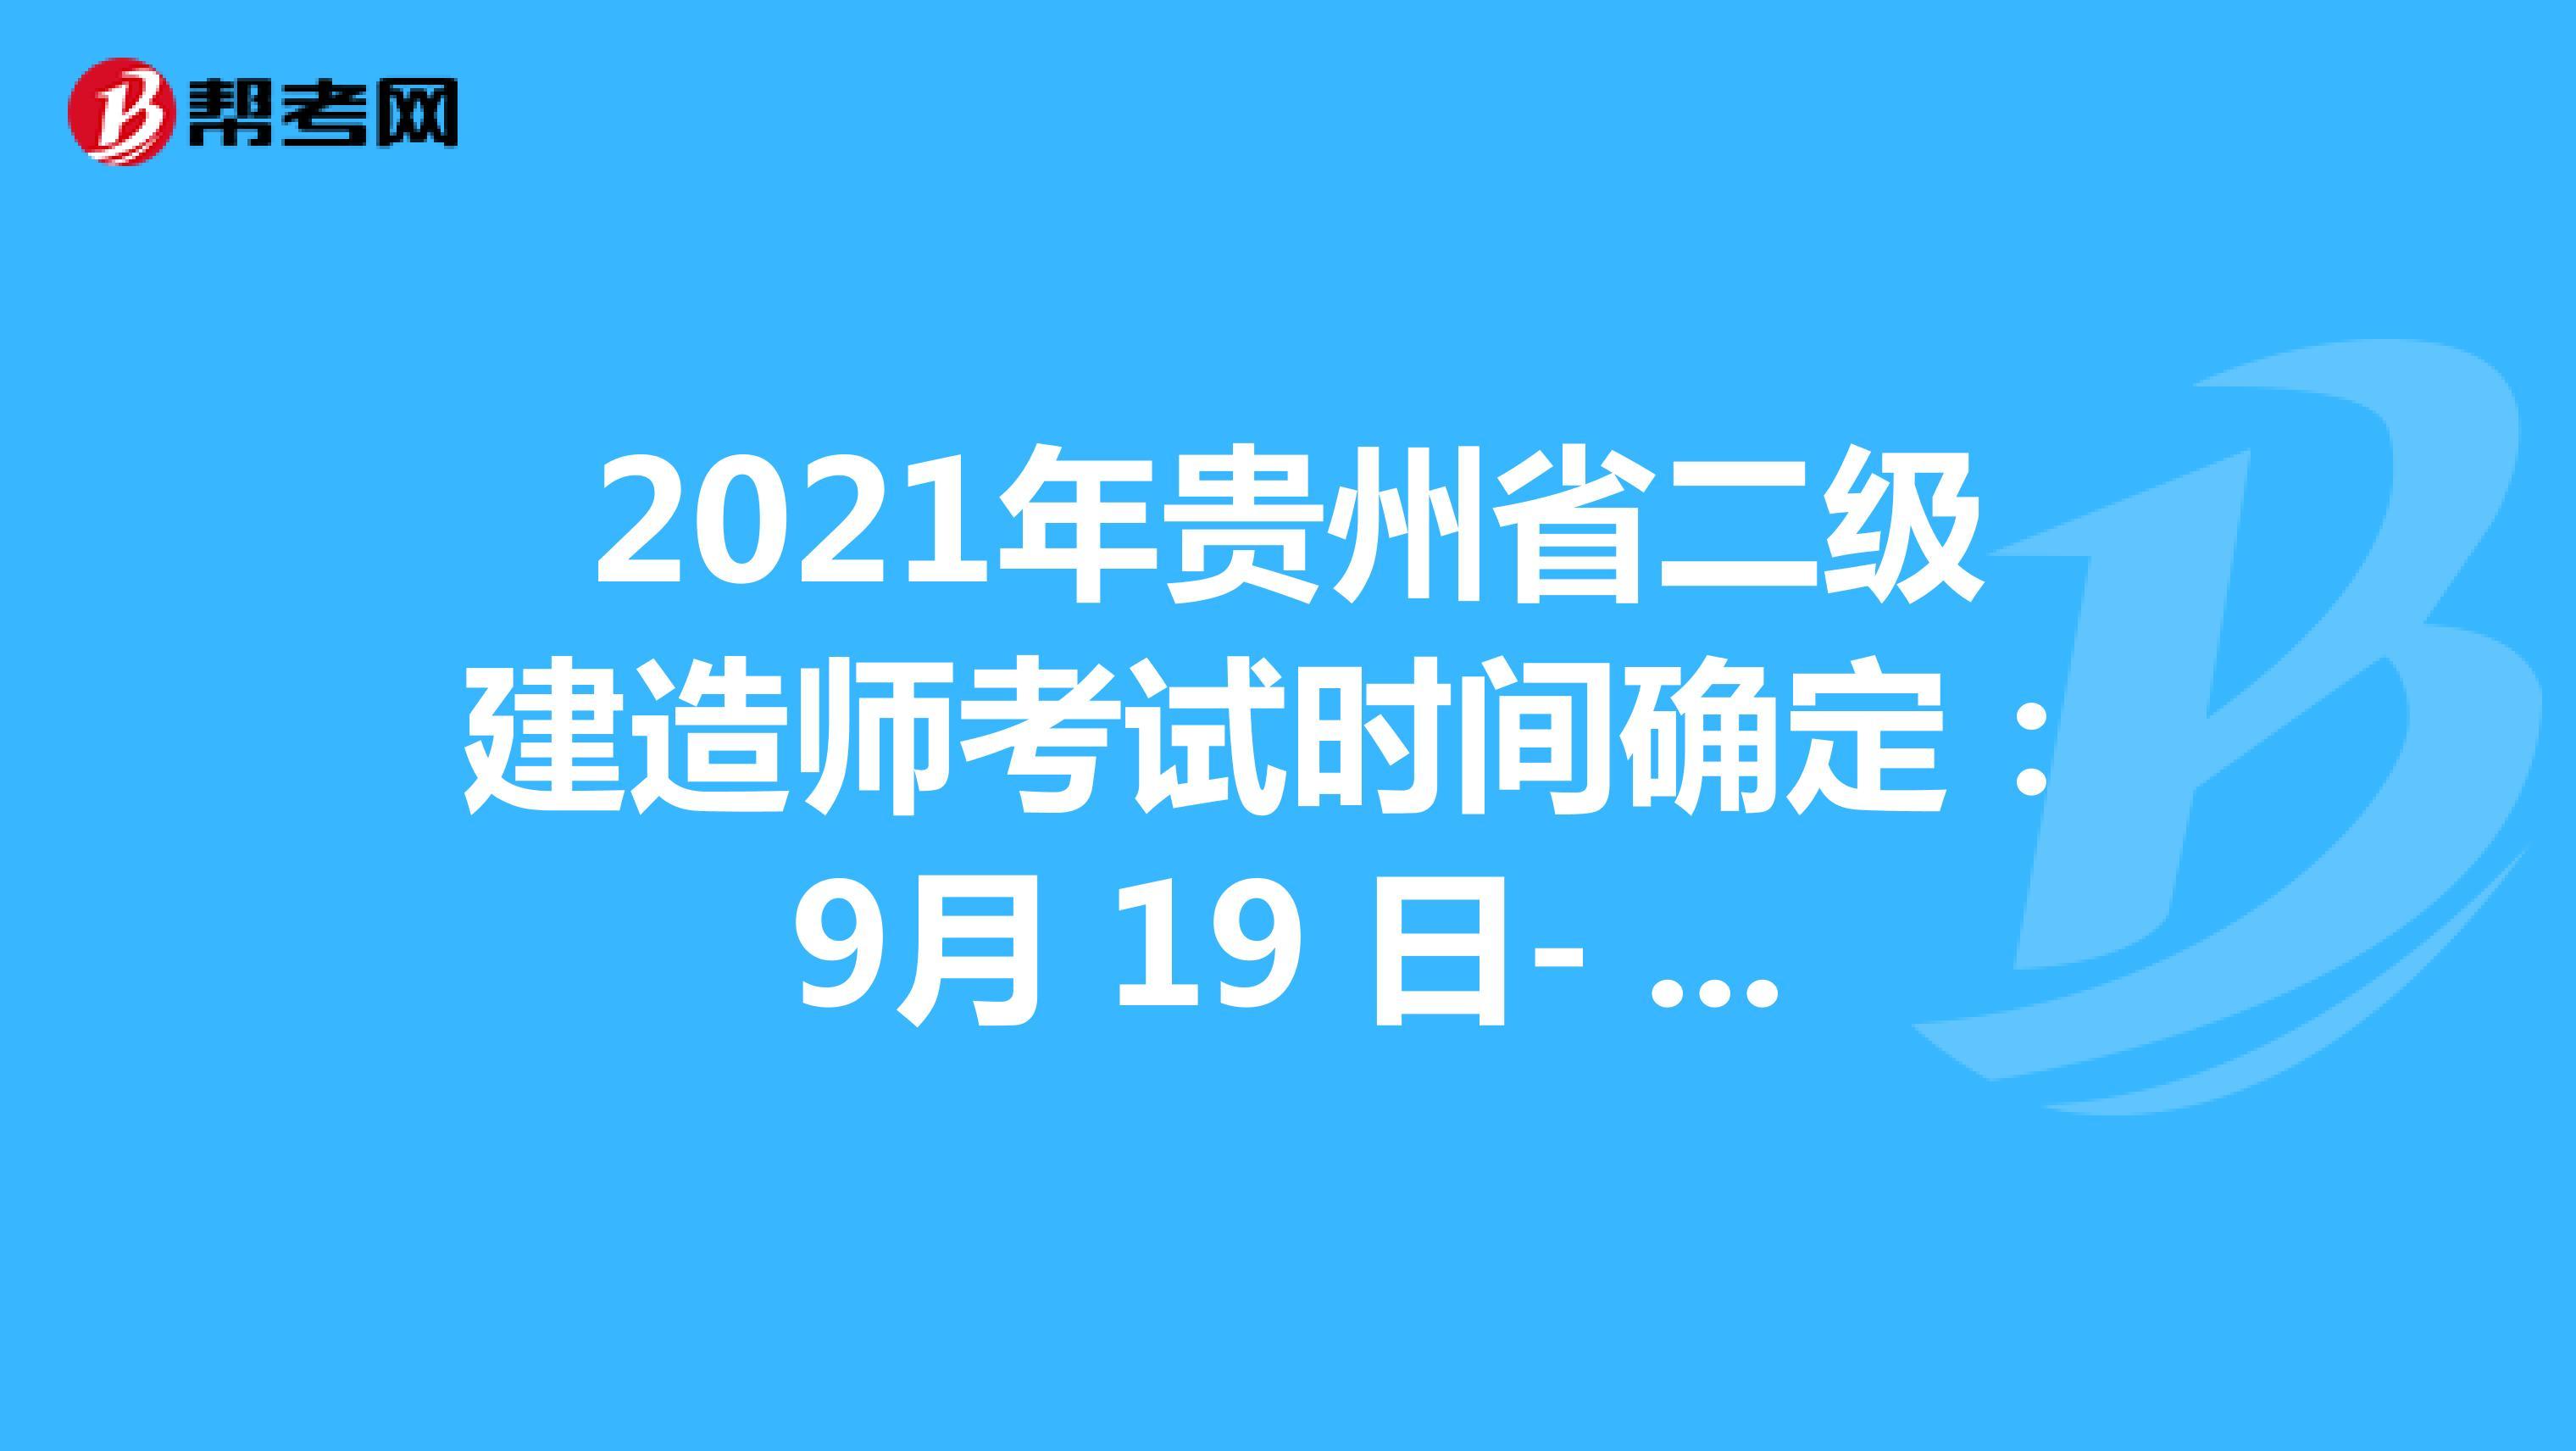 2021年贵州省二级建造师考试时间确定:9月 19 日- 20日、11月 13 日-14日